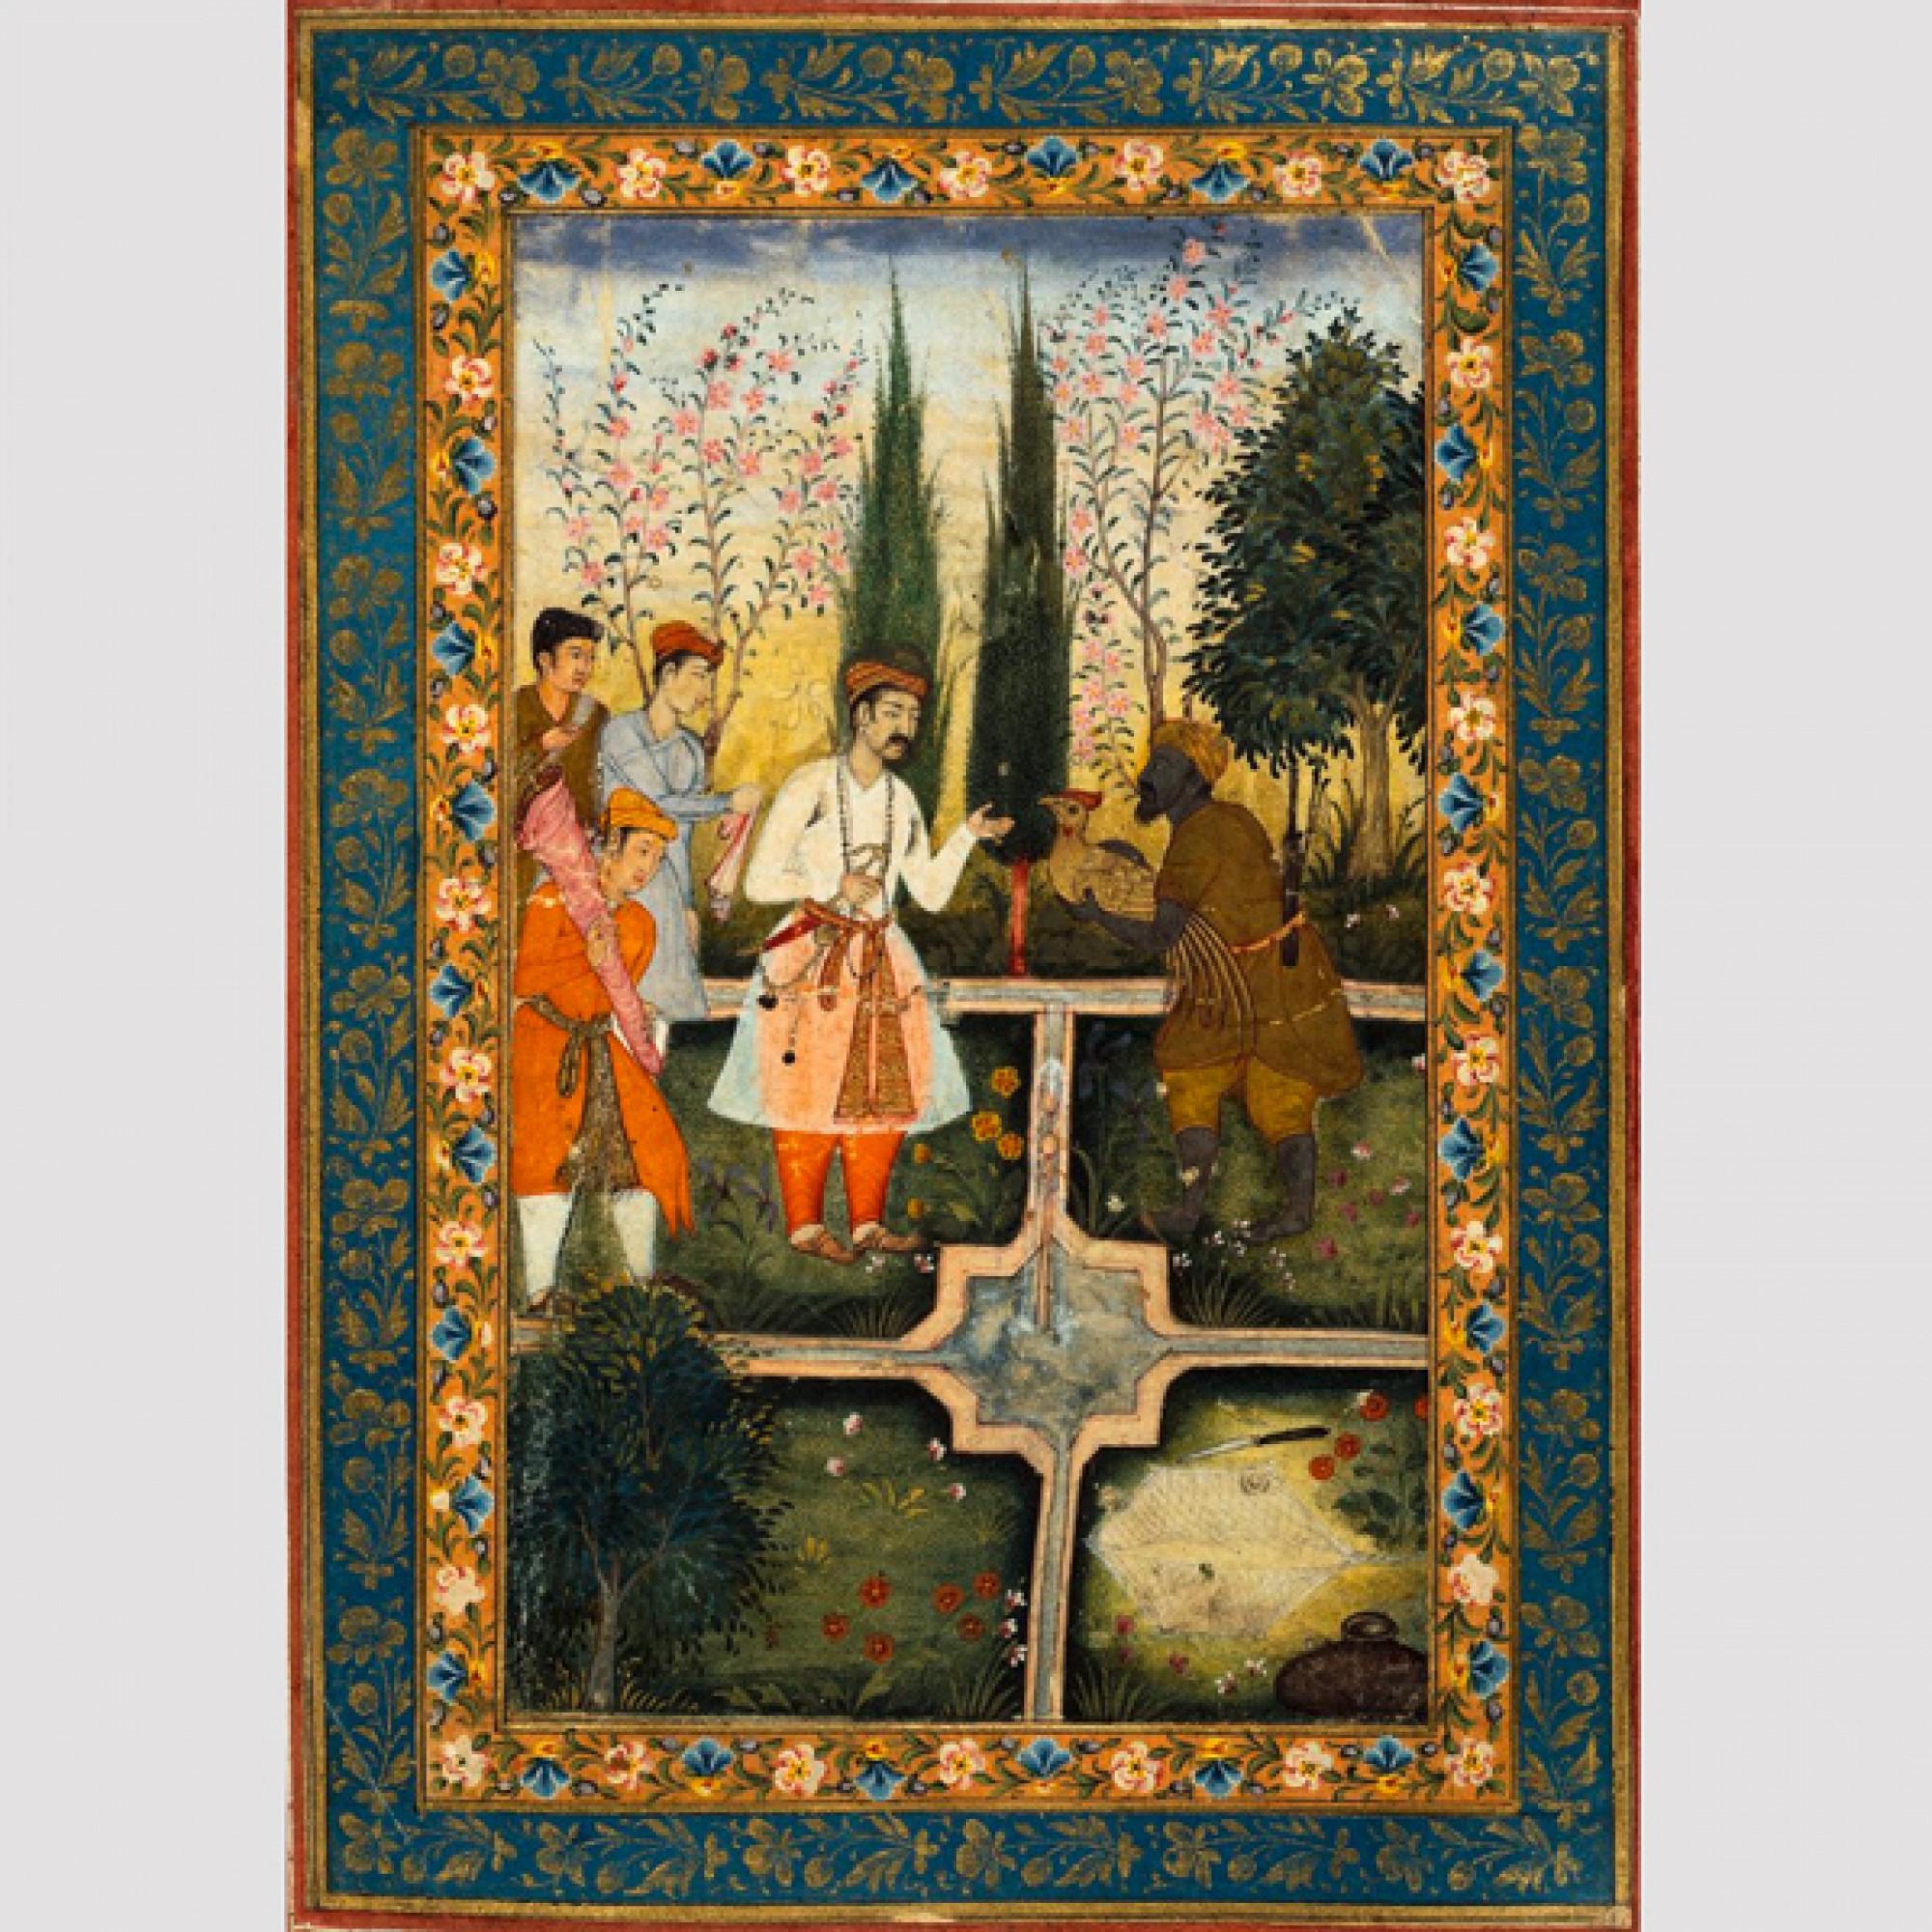 Die Moghulminiatur zeigt einen klassischen persischen Garten. (zvg)